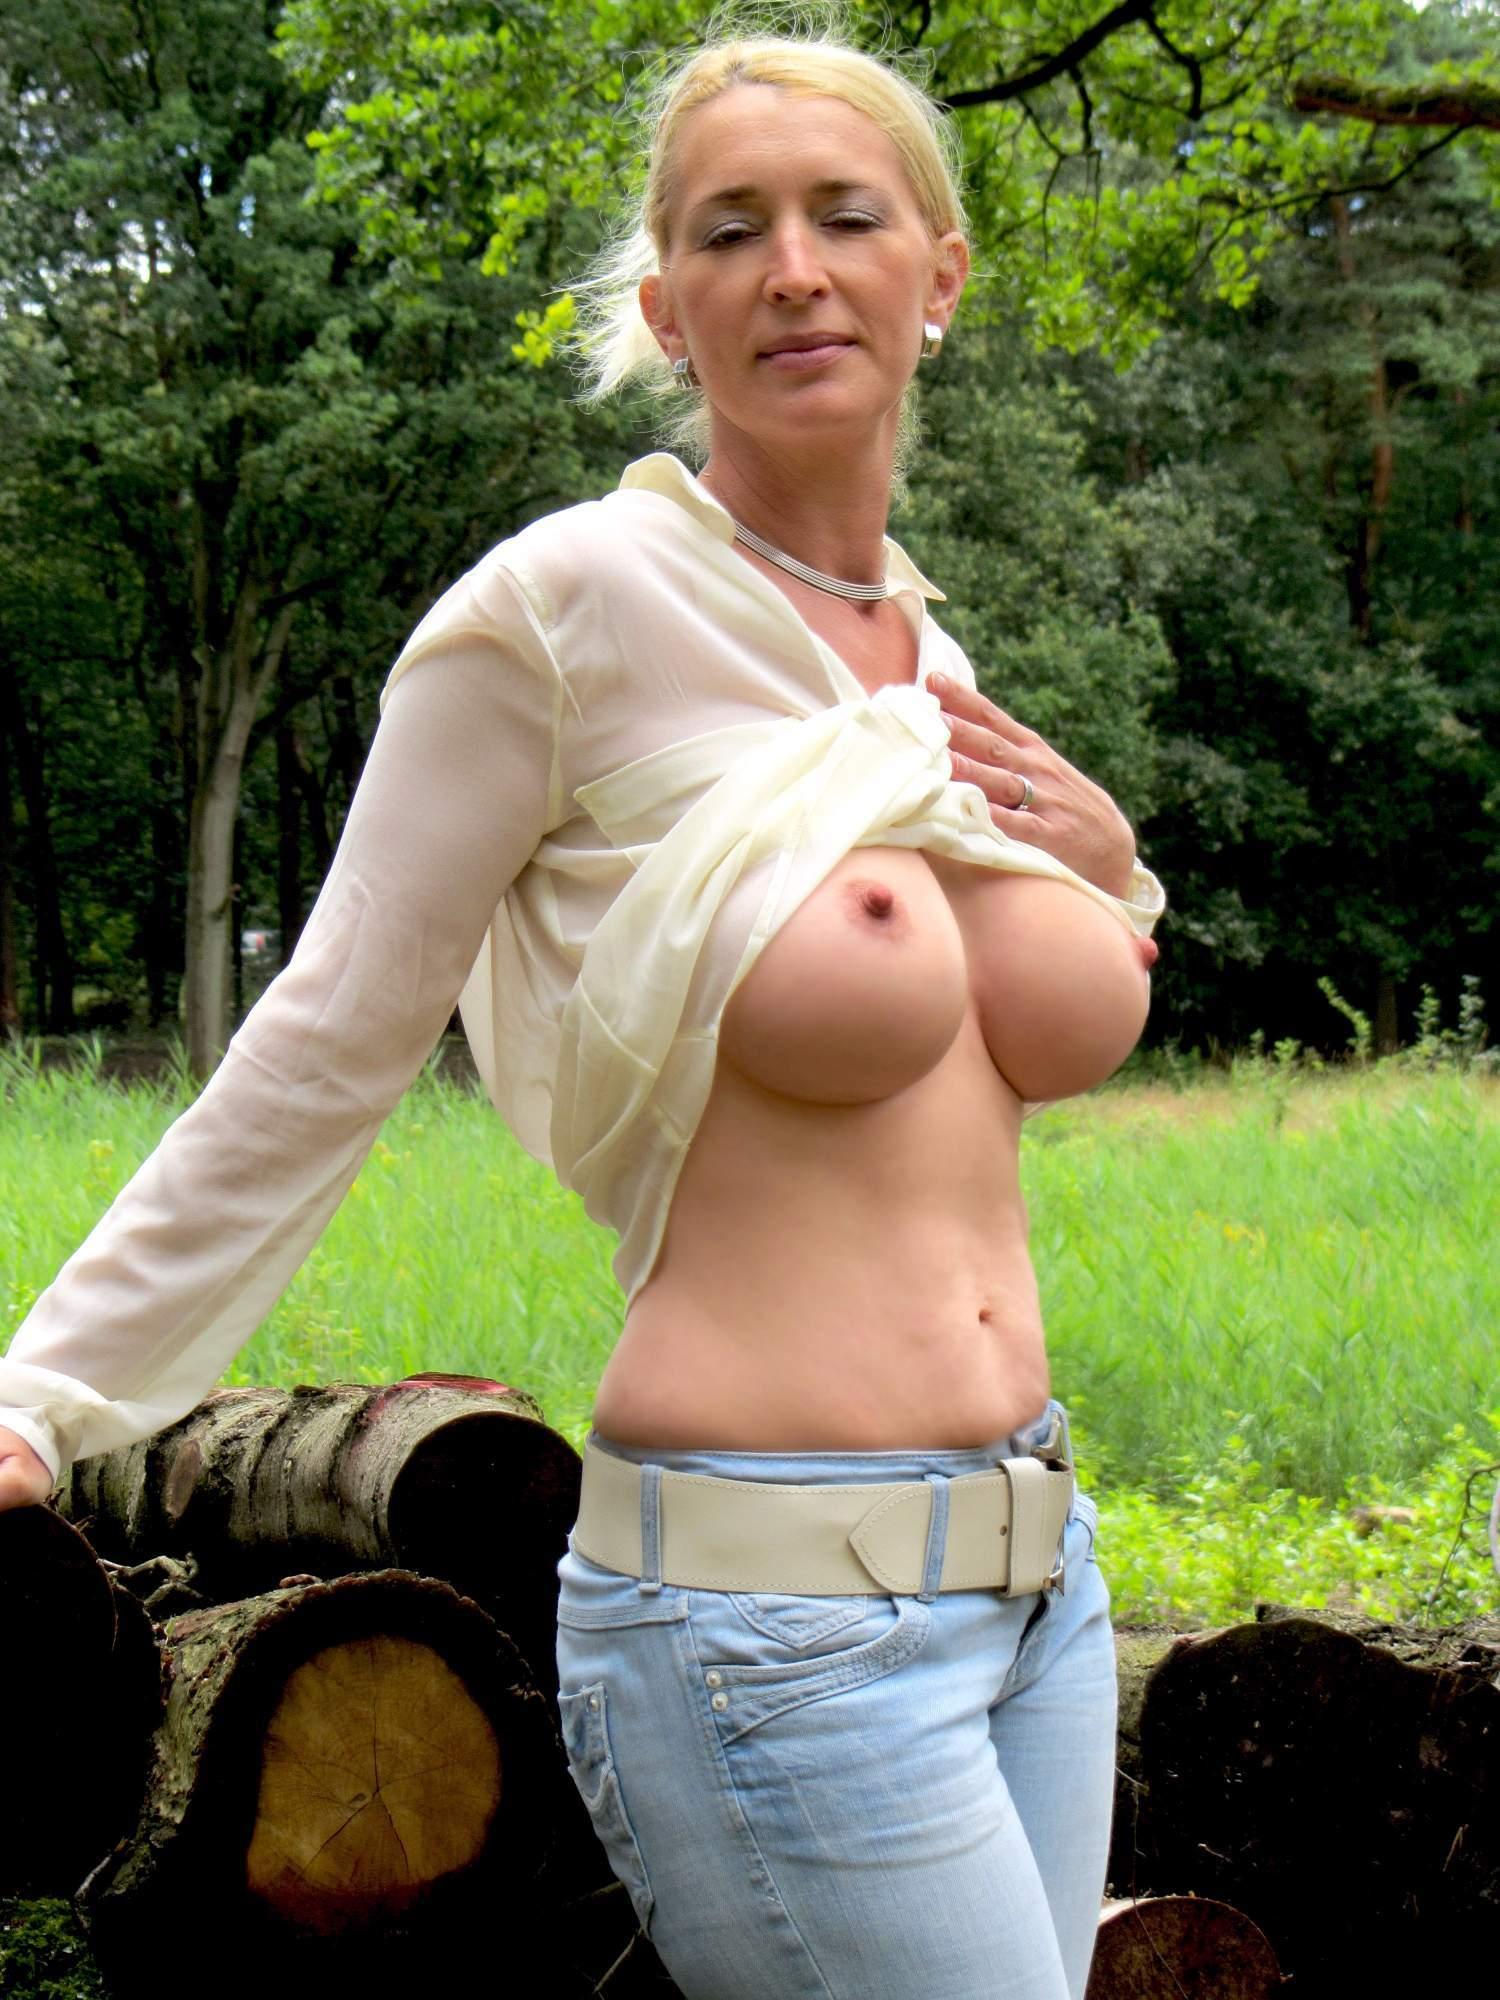 http://img24.rajce.idnes.cz/d2402/13/13133/13133717_9c6391c5702f90347cd7f2ea12218ba5/images/124.jpg